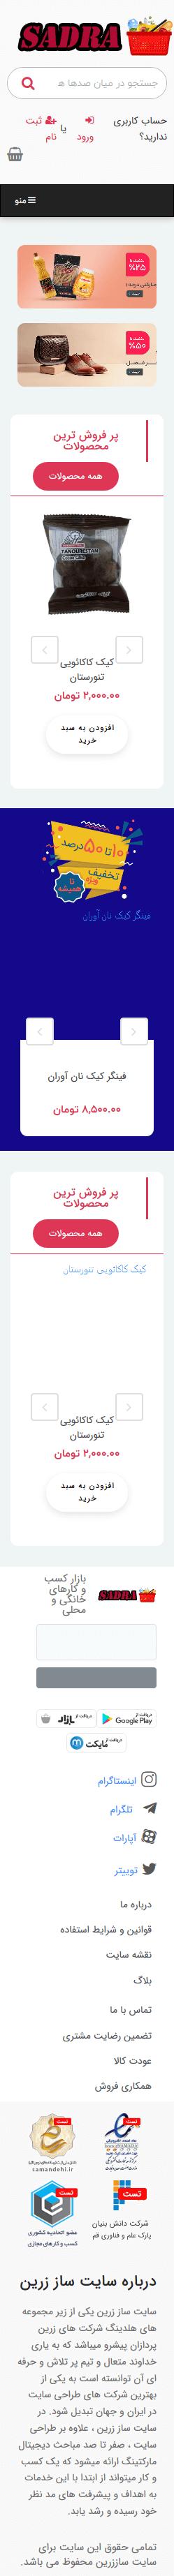 سایت صدرا در حالت موبایل